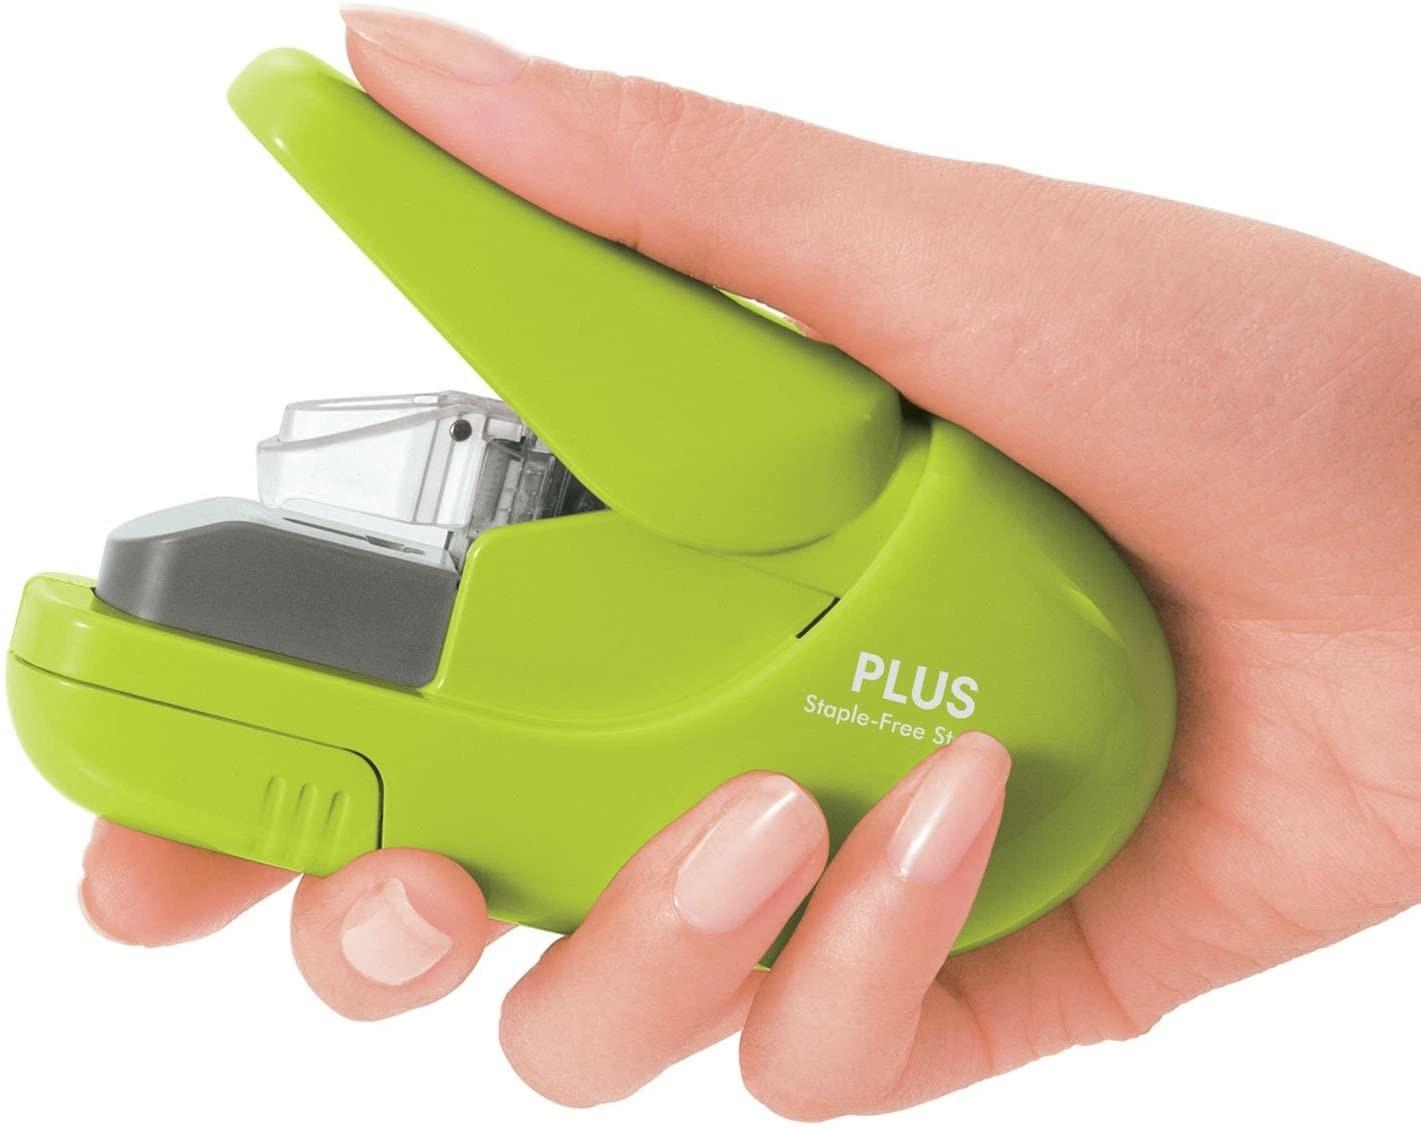 Model's hand holding a lime green stapler